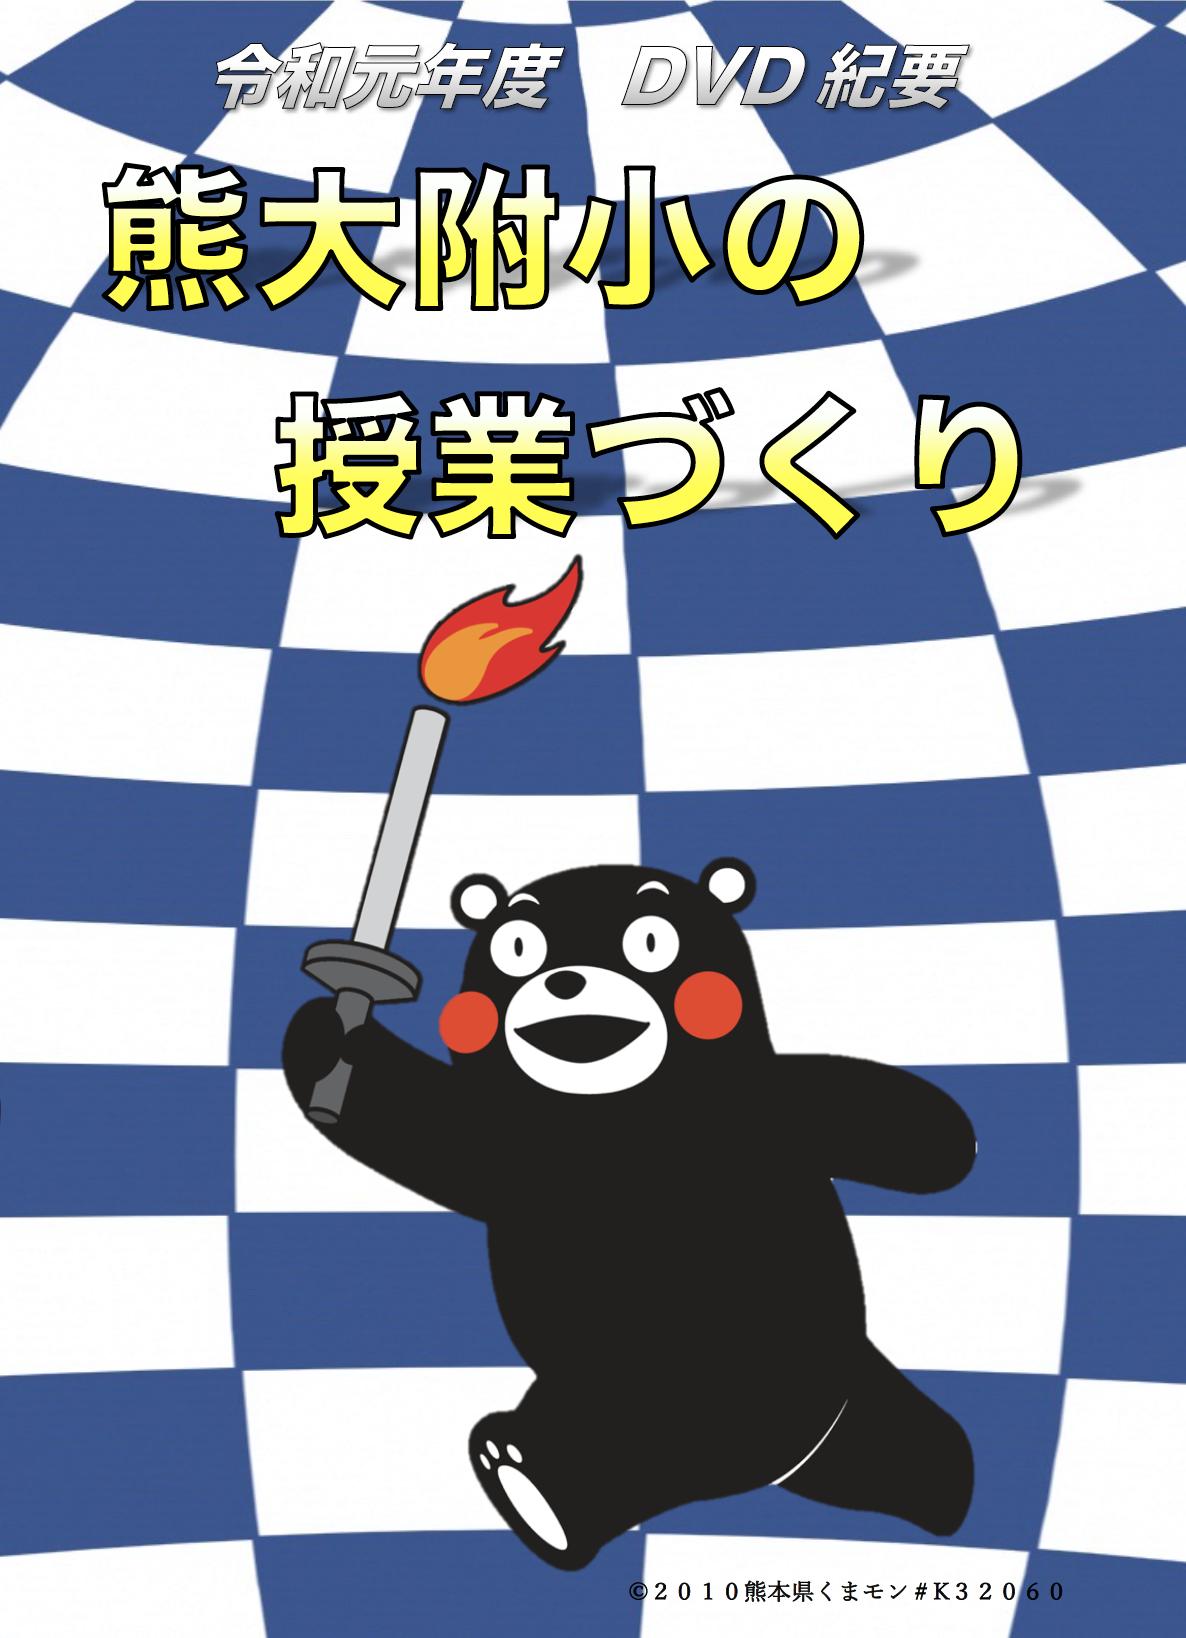 熊大附属小の授業づくり(DVD 2枚組)